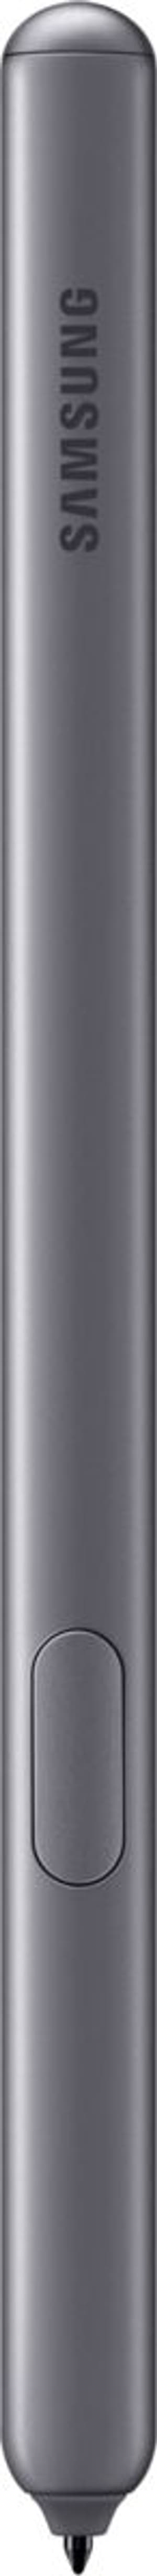 S Pen Tab S6 Lite grigio